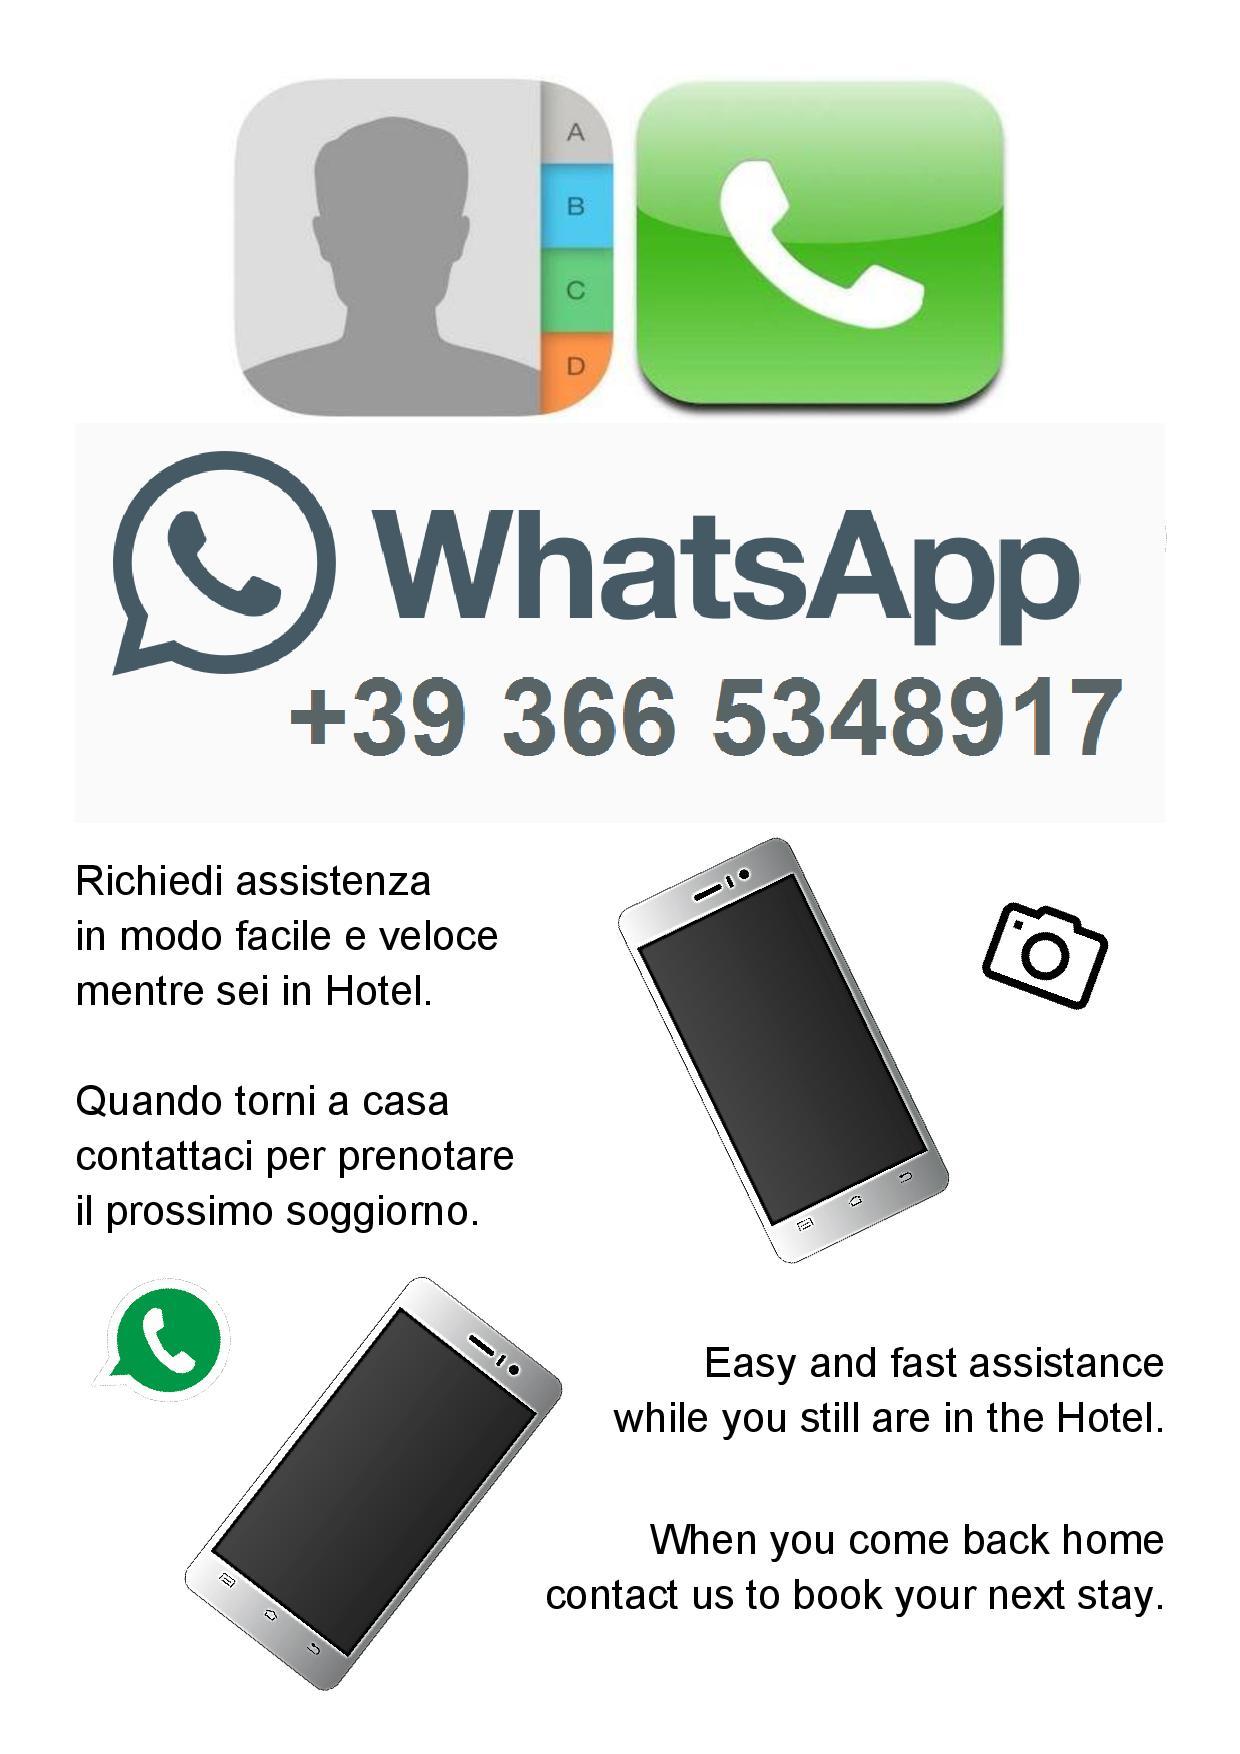 Chatta e interagisci con noi tramite WhatsApp!